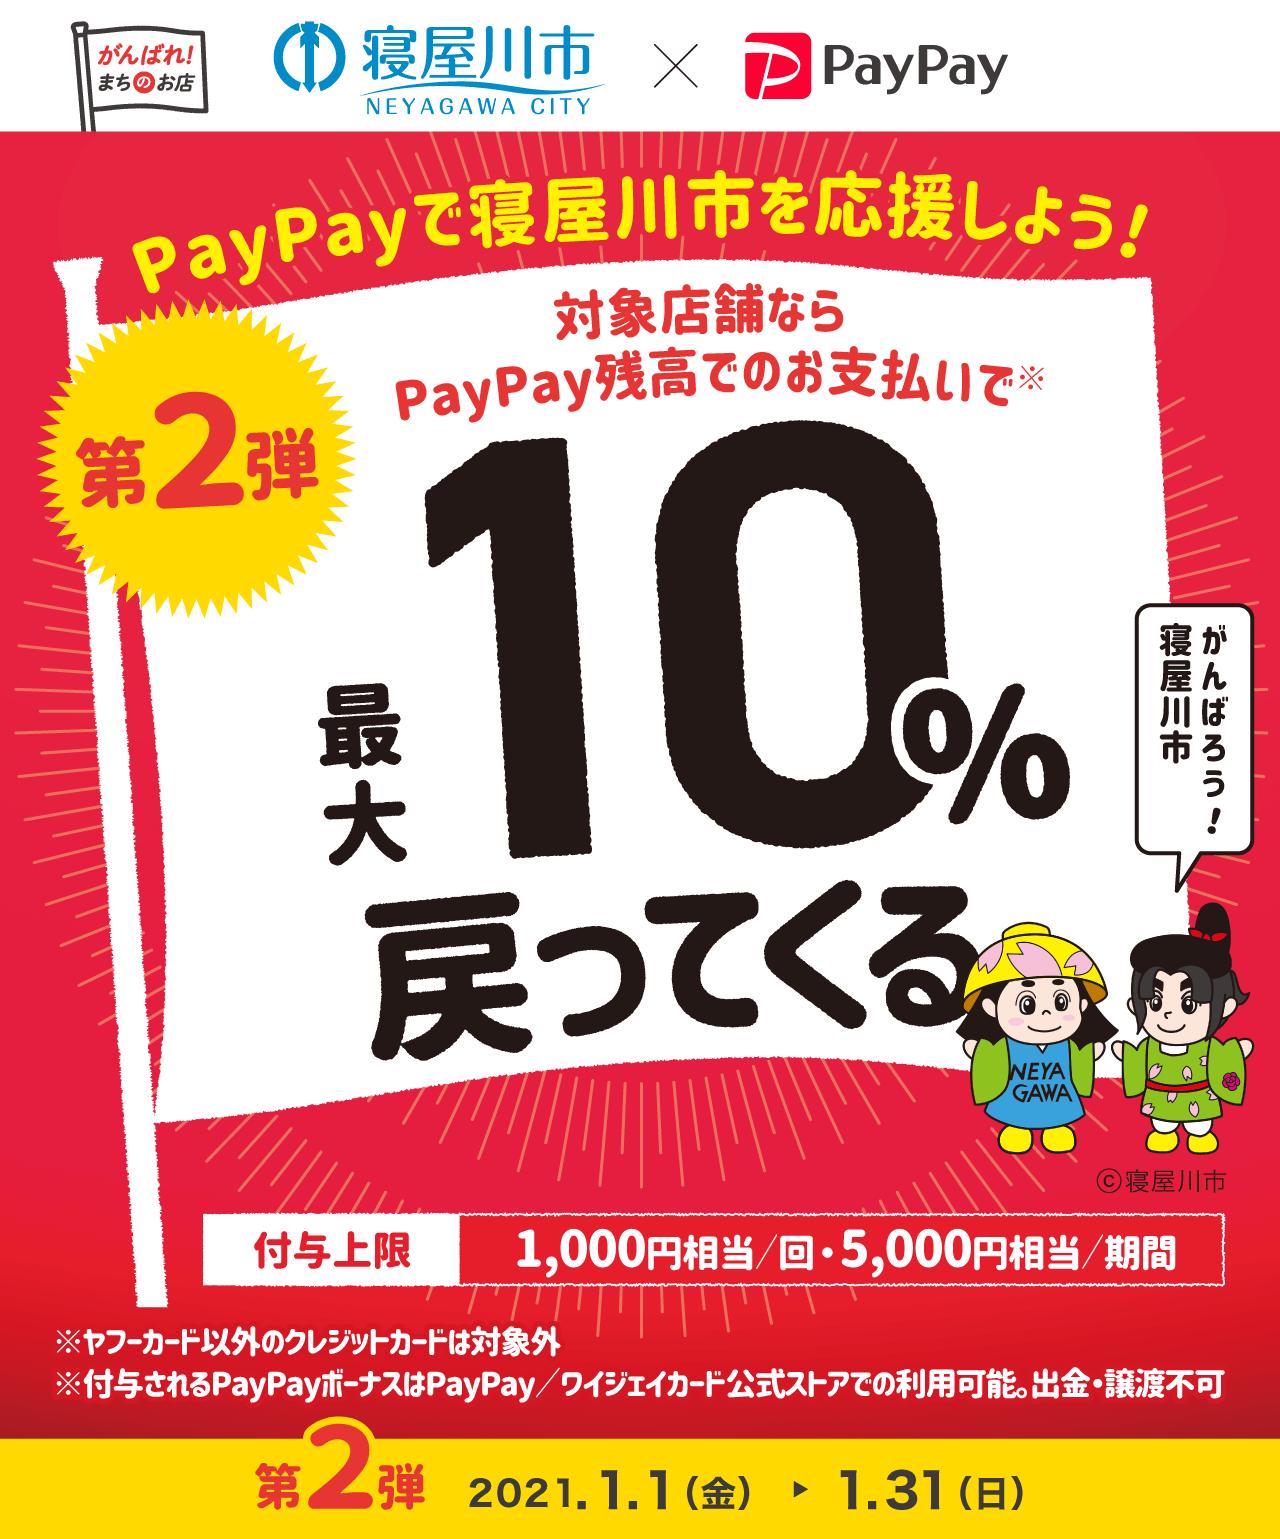 PayPayで寝屋川市を応援しよう! 第2弾 対象店舗ならPayPay残高でのお支払いで 最大10%戻ってくる